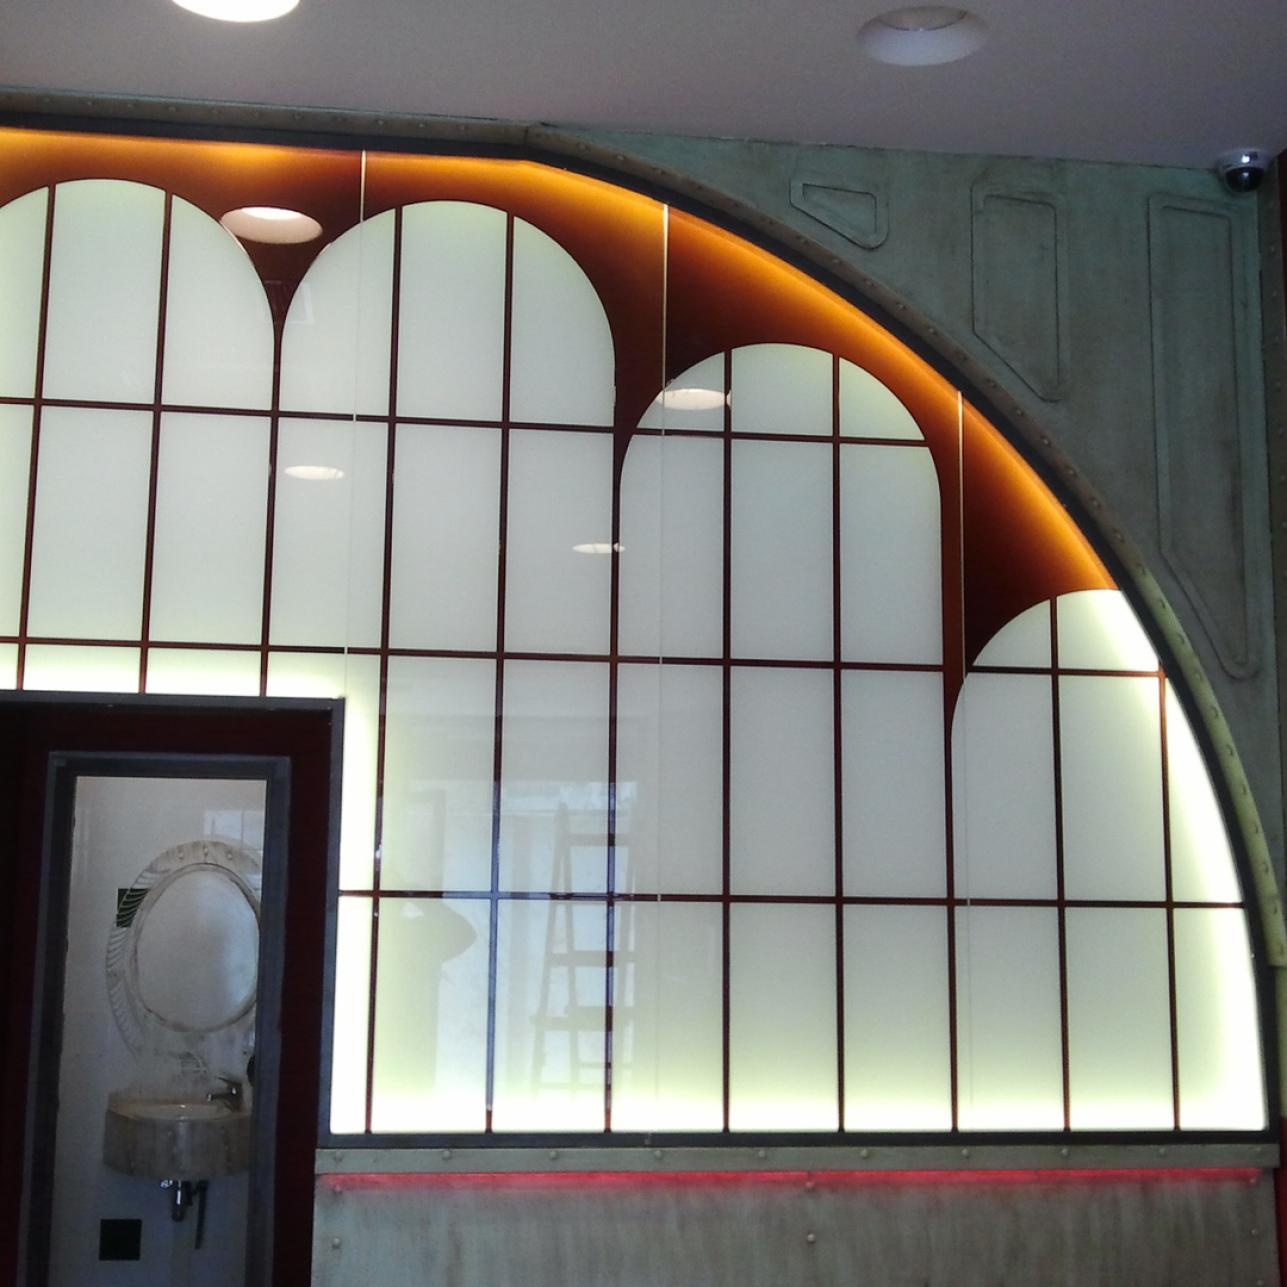 Cristalera con vidrio decorativo